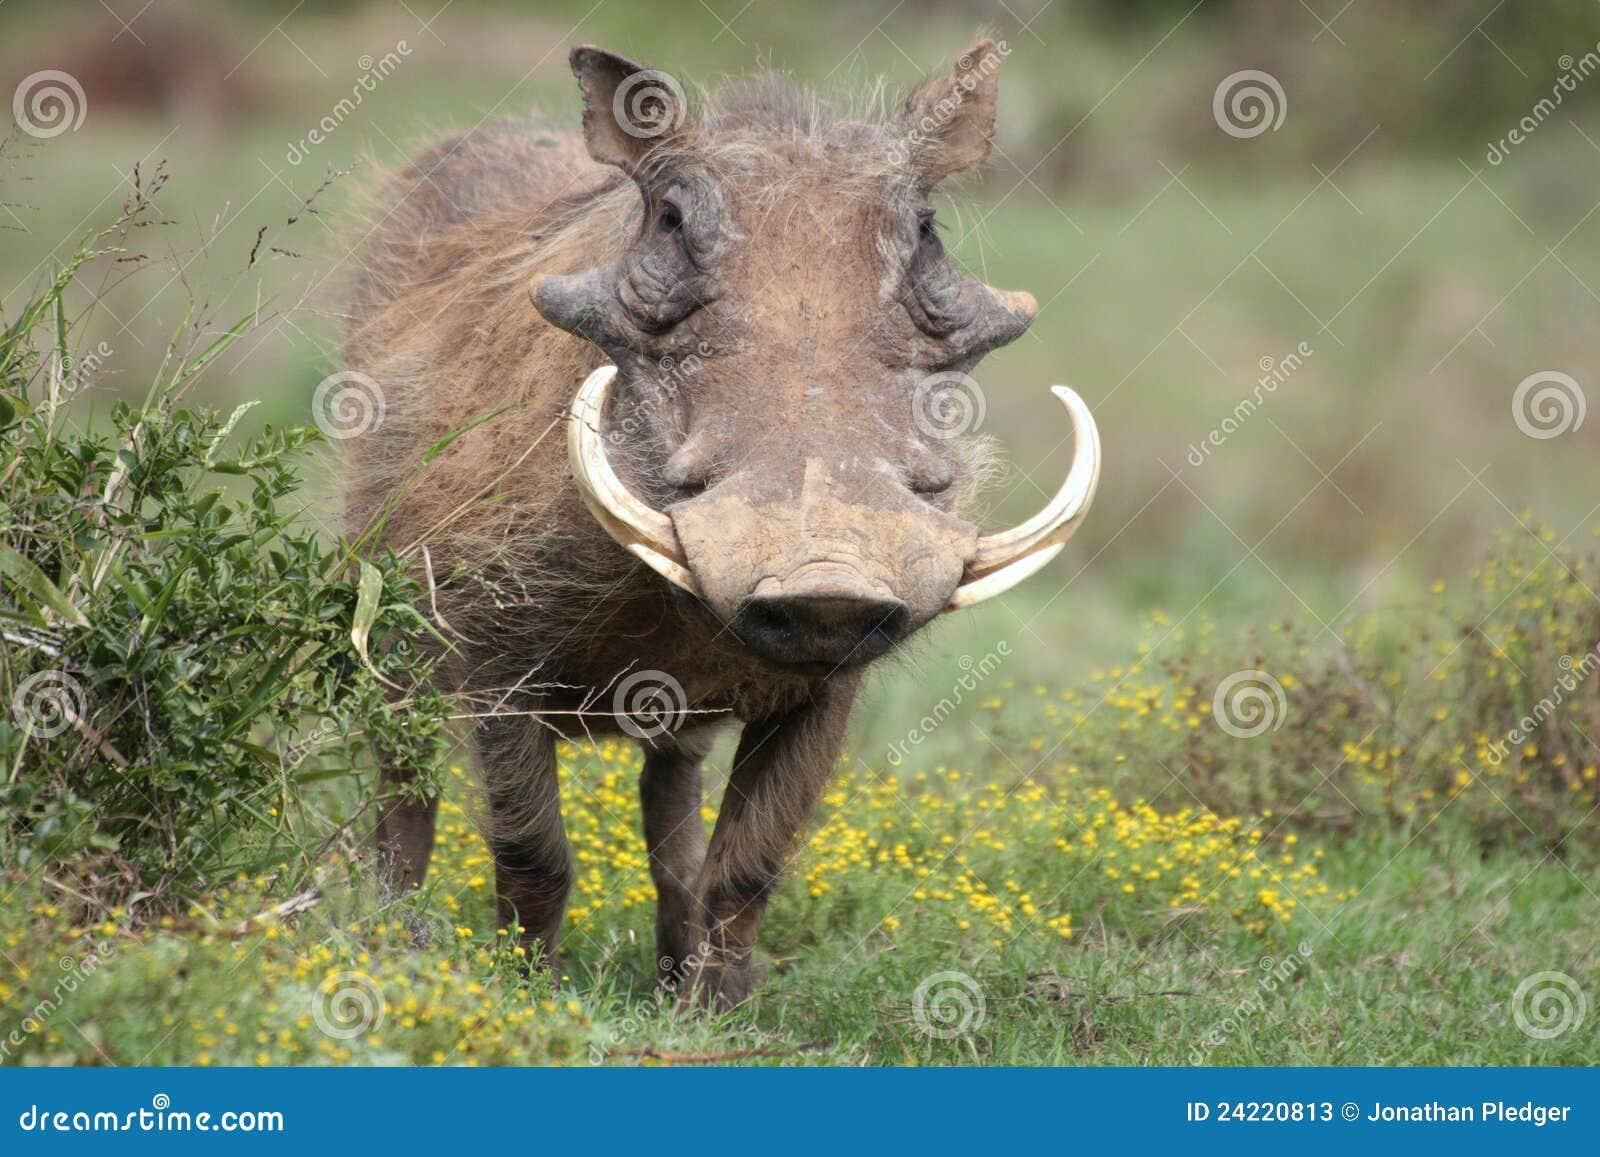 Ein warthog mit den großen Stoßzähnen.